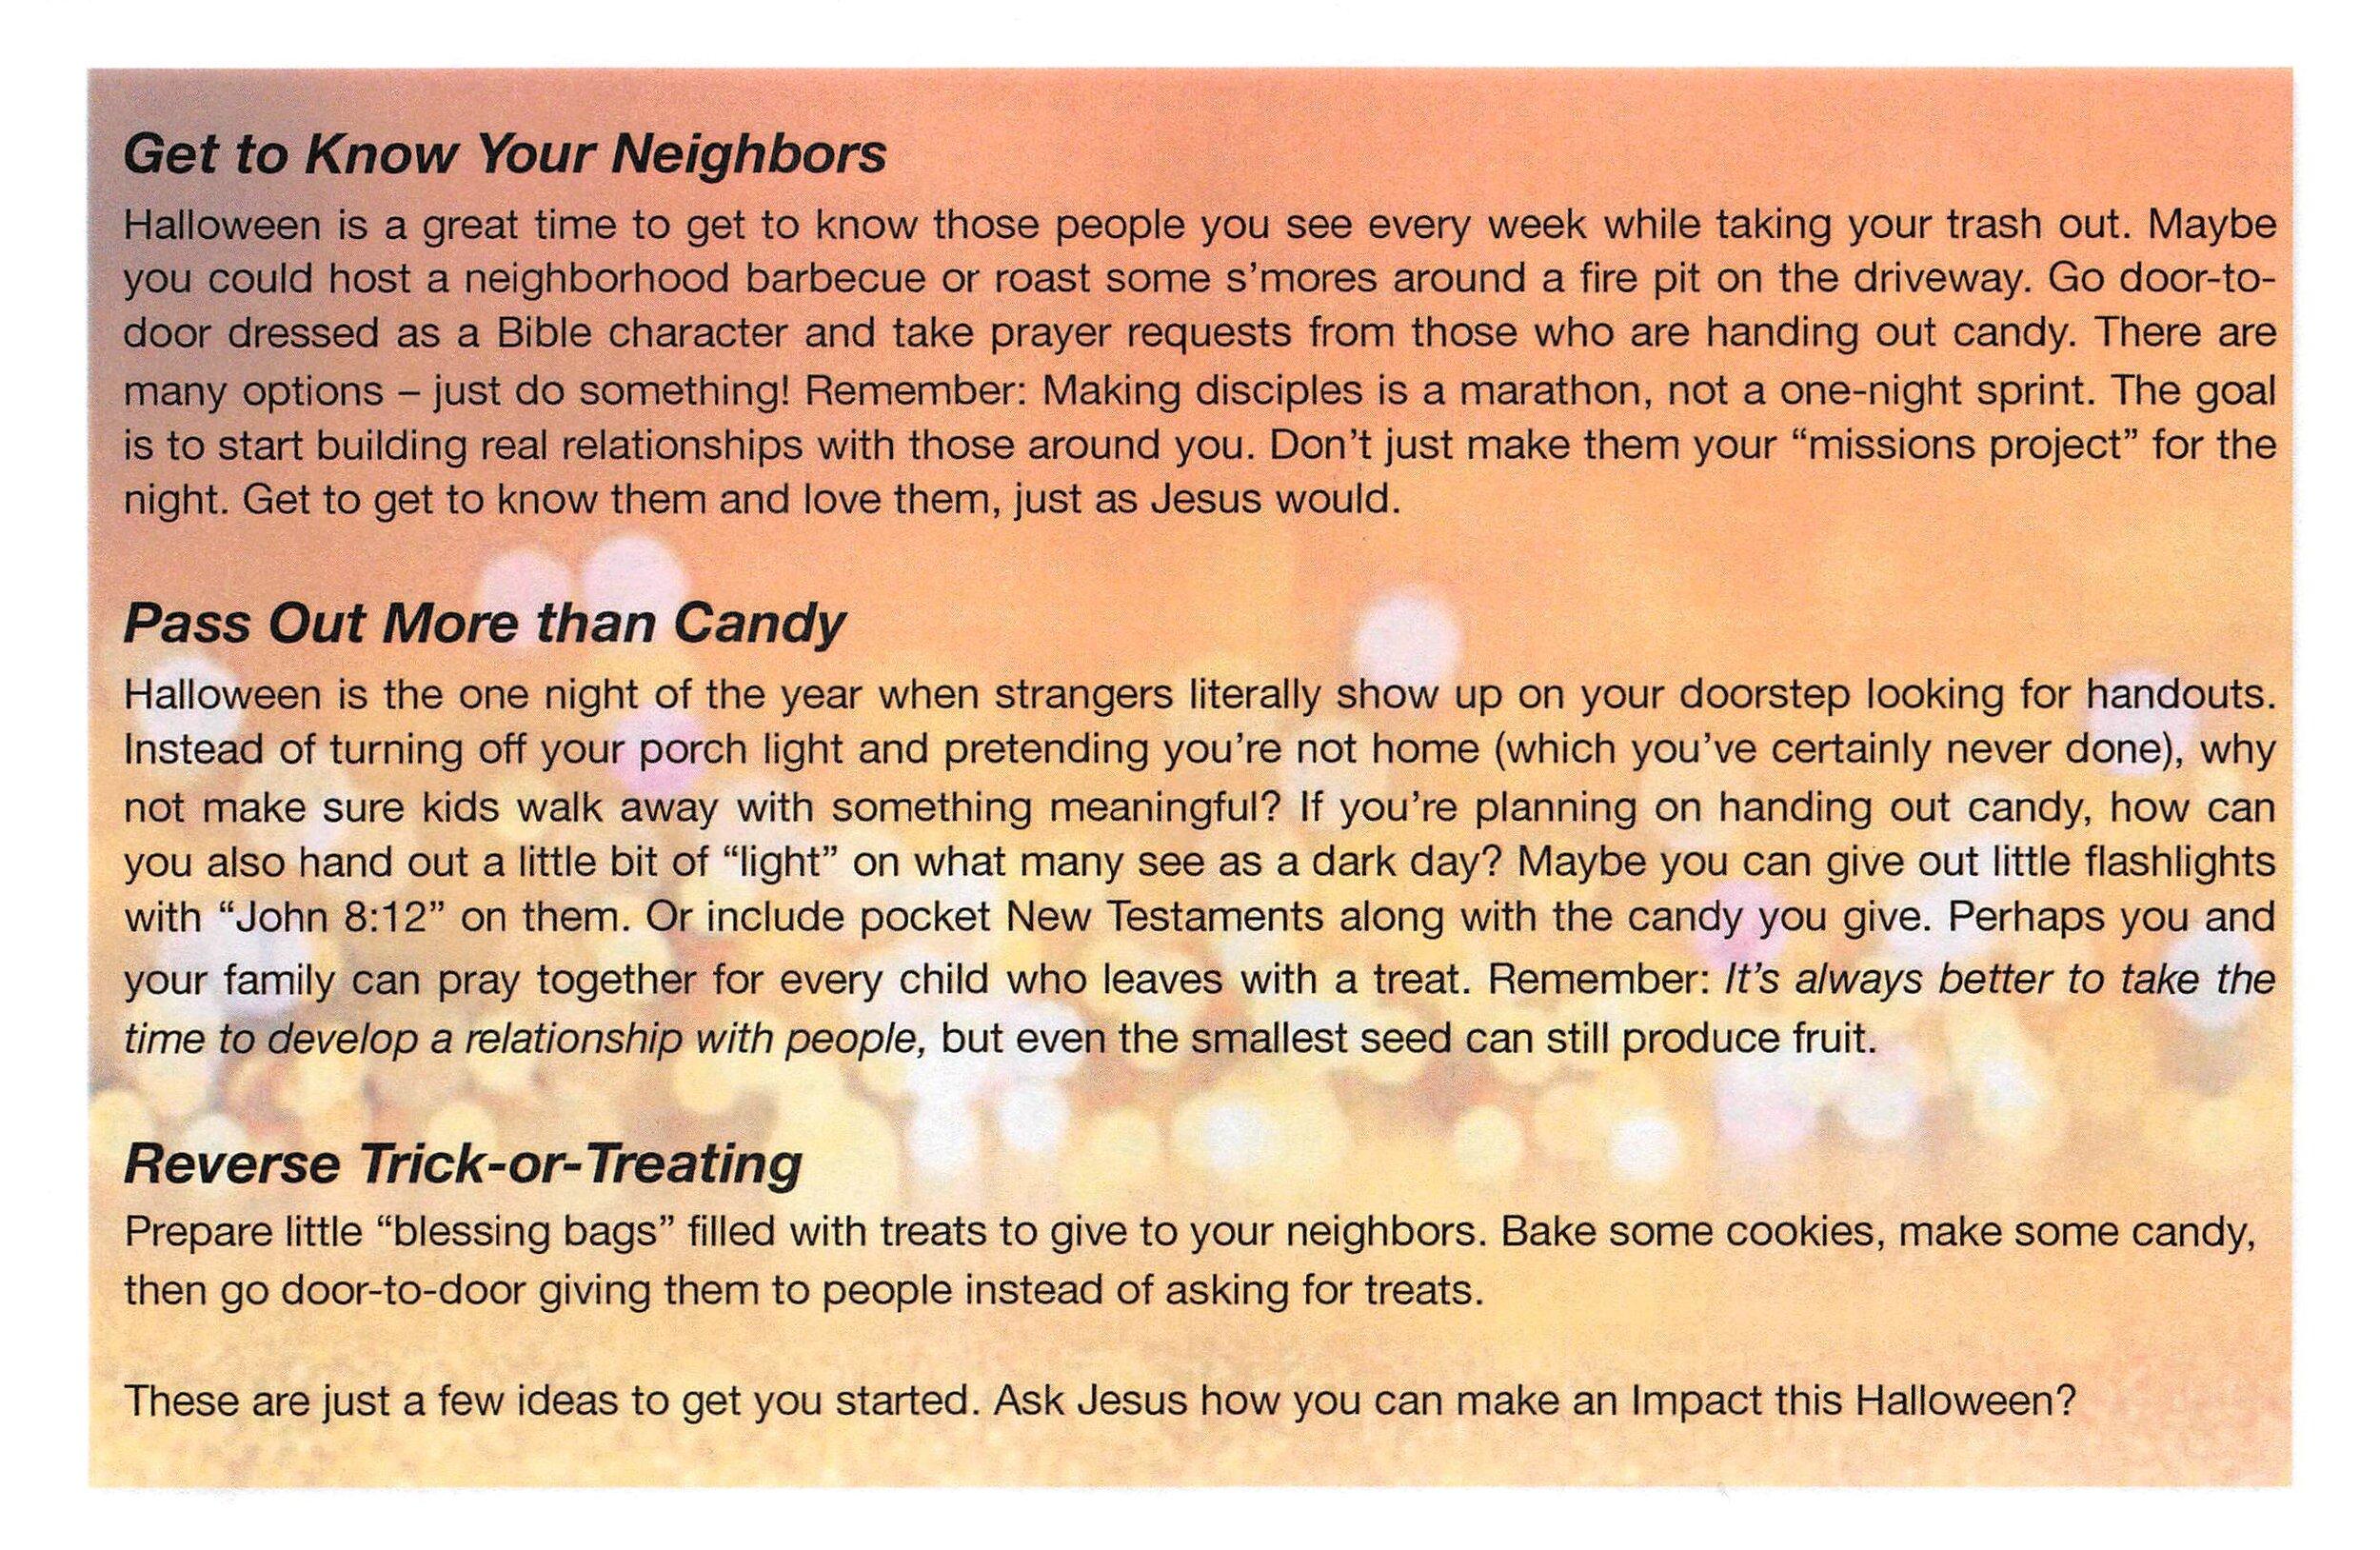 Impact Your Neighborhood_2.jpg